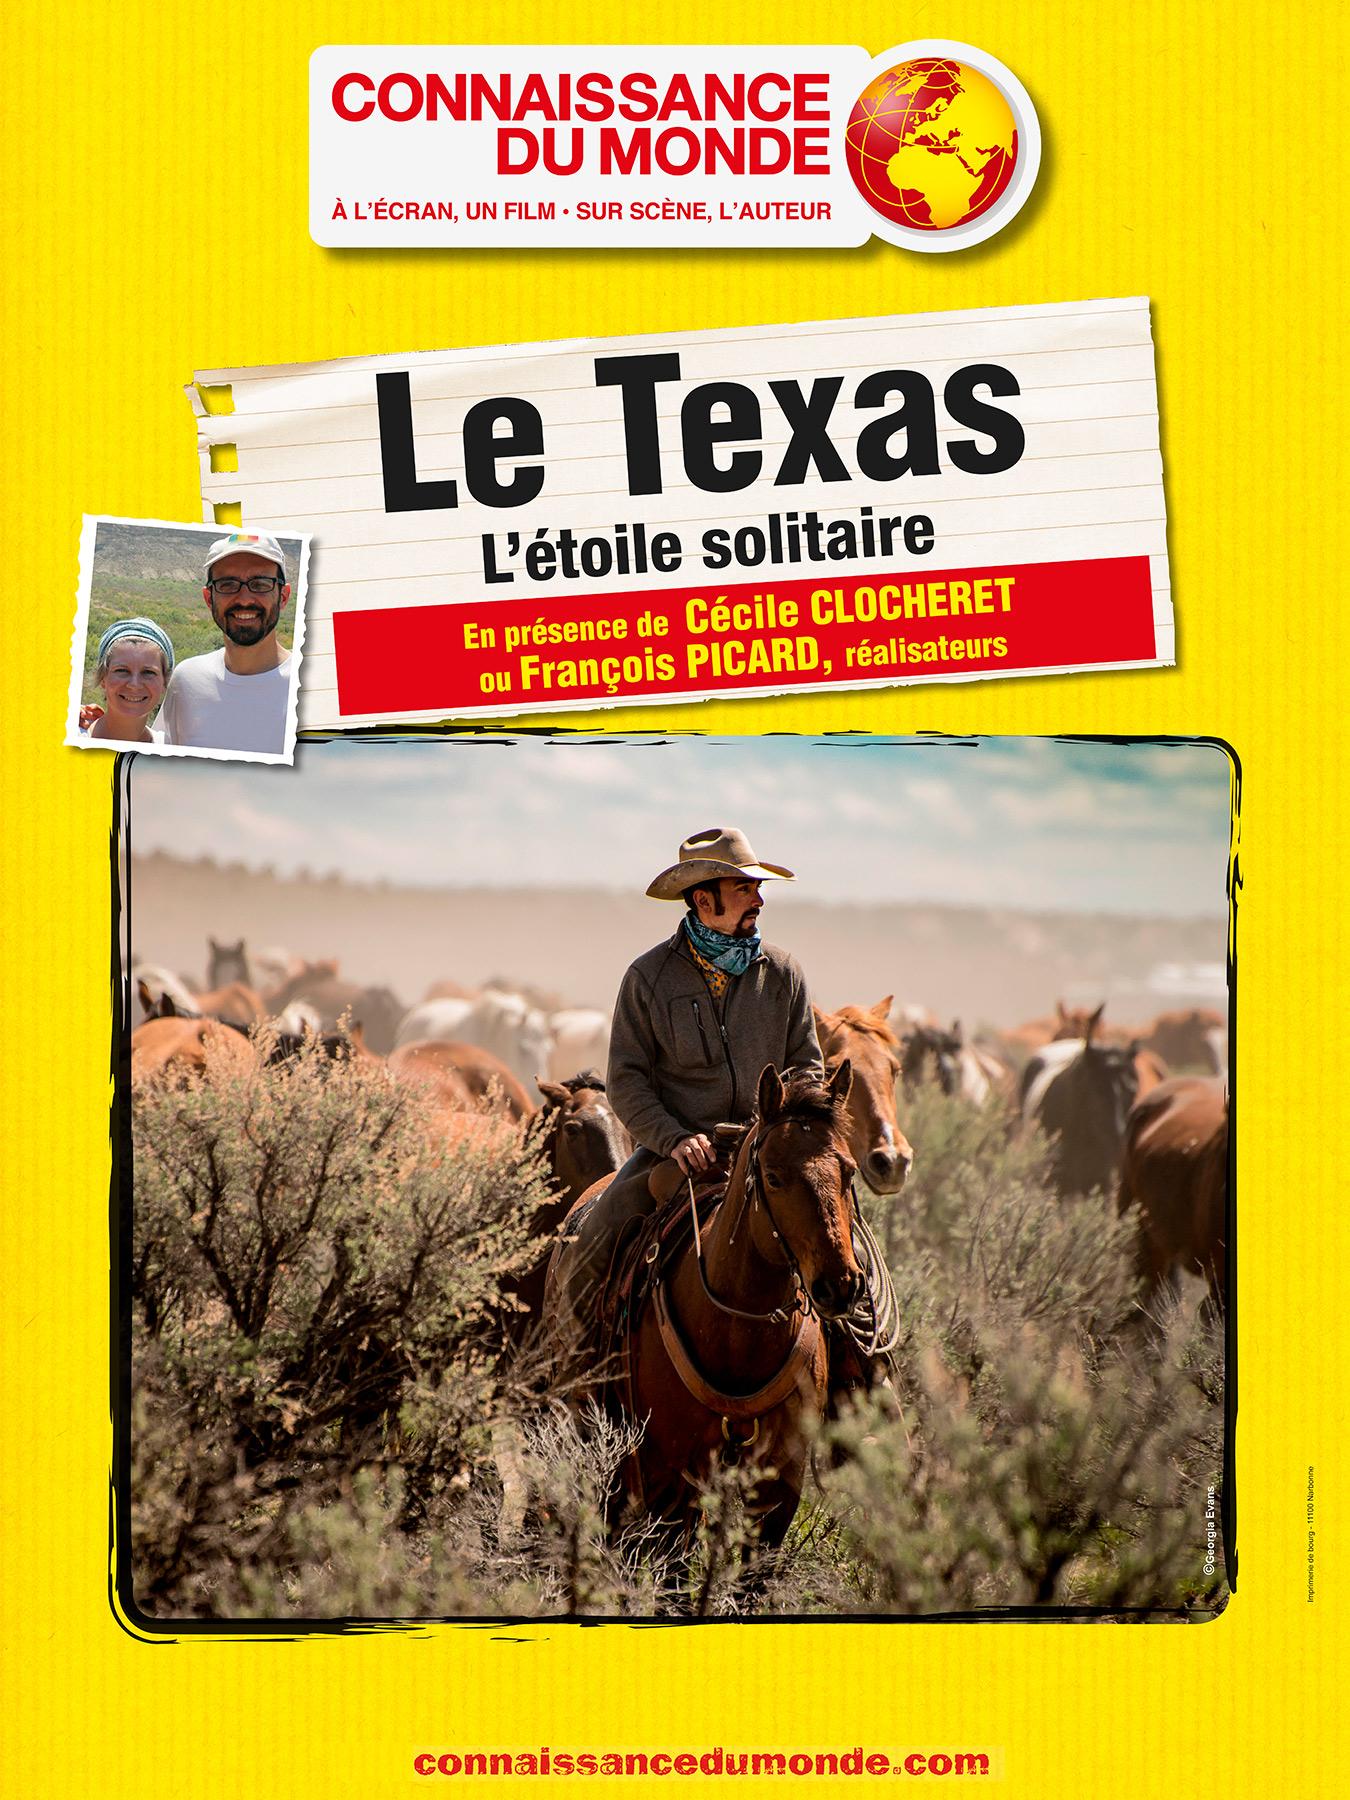 Le Texas, L'étoile solitaire